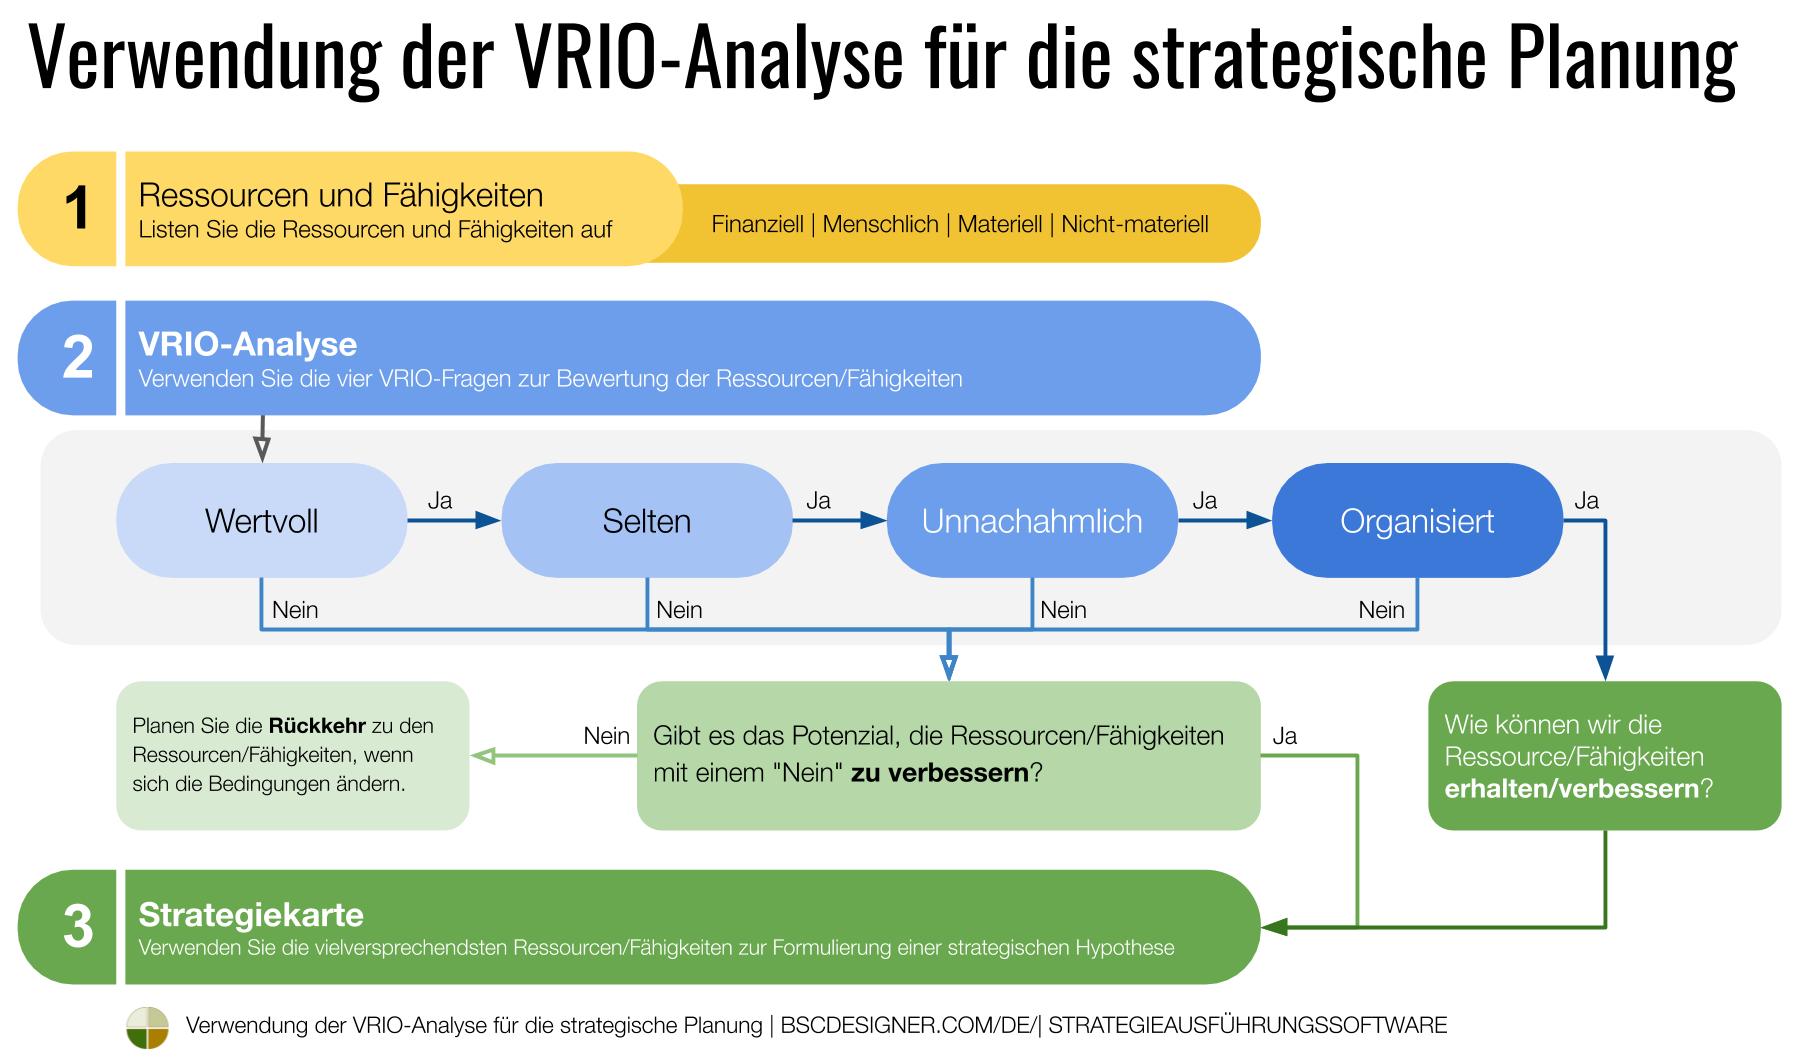 VRIO für die strategische Planung verwenden